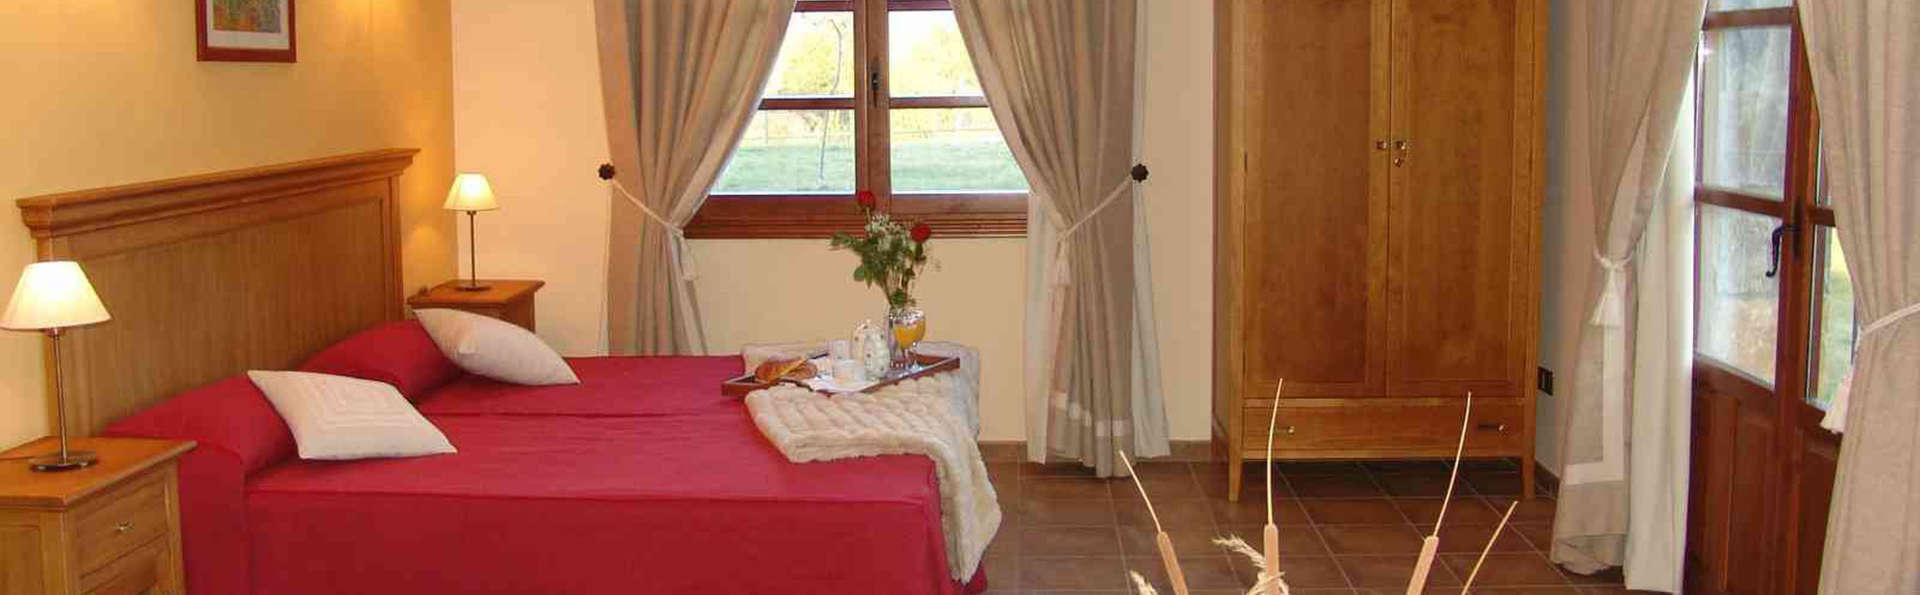 Hotel & Spa Peña Montañesa - EDIT_room1.jpg